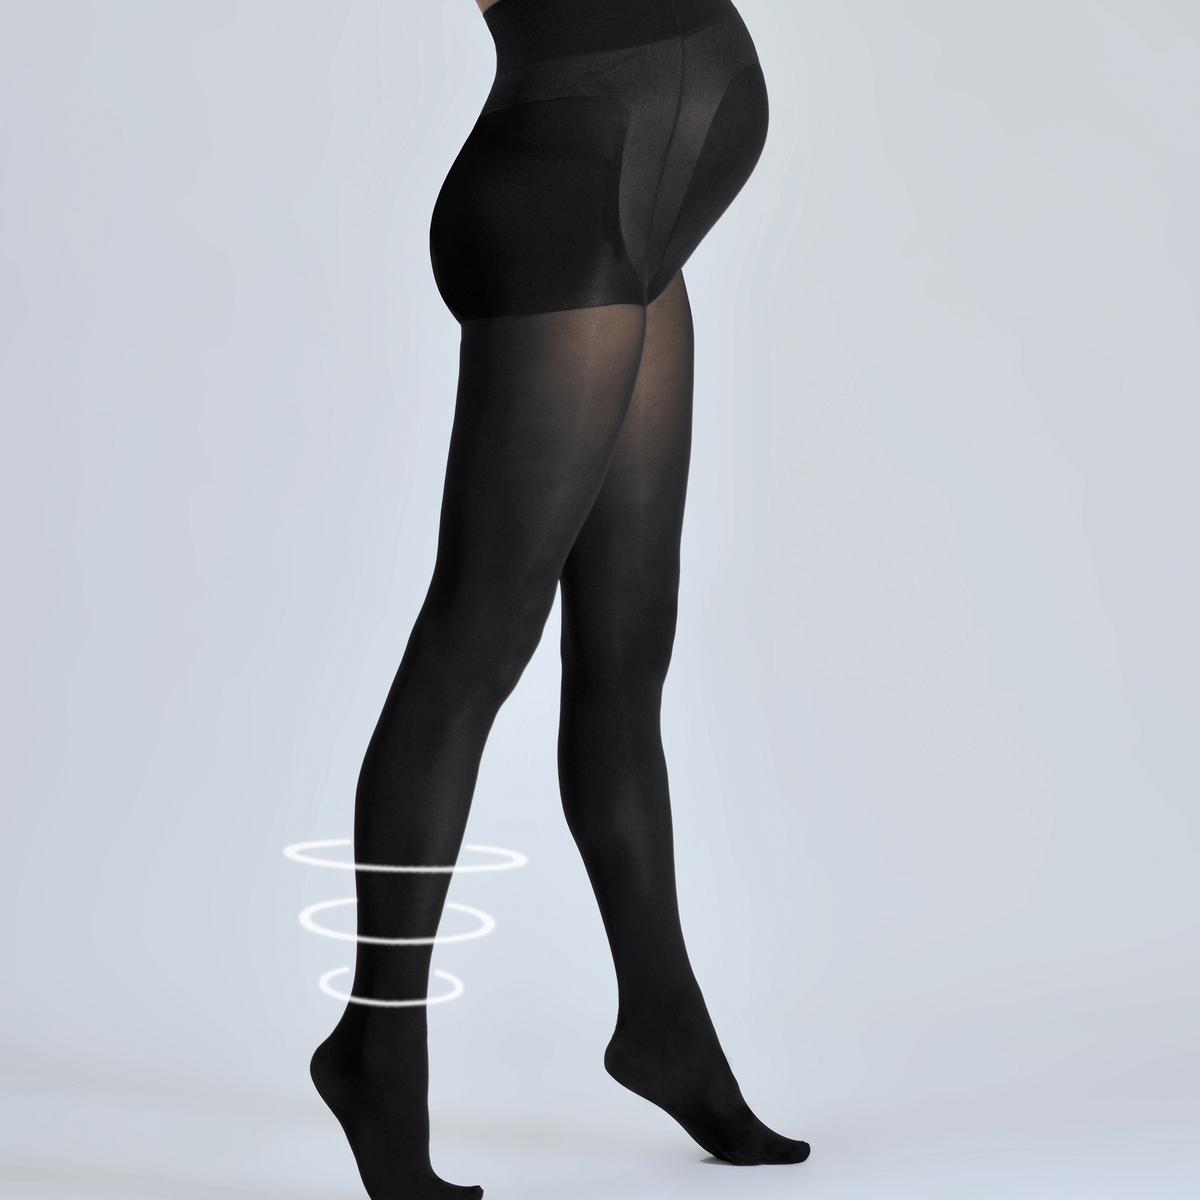 Колготки для периода беременности ACTIVSOFTКолготки для периода беременности, 70 ден (непрозрачные). 70% полиамида, 30% эластана. Мягкость и комфорт на протяжении всего периода беременности. Широкий ультраплоский пояс не сдавливает живот, а мягкая компрессия в области щиколоток подарит ощущение легкости в ногах на протяжении всего дня. Усиленный мысок.<br><br>Цвет: черный